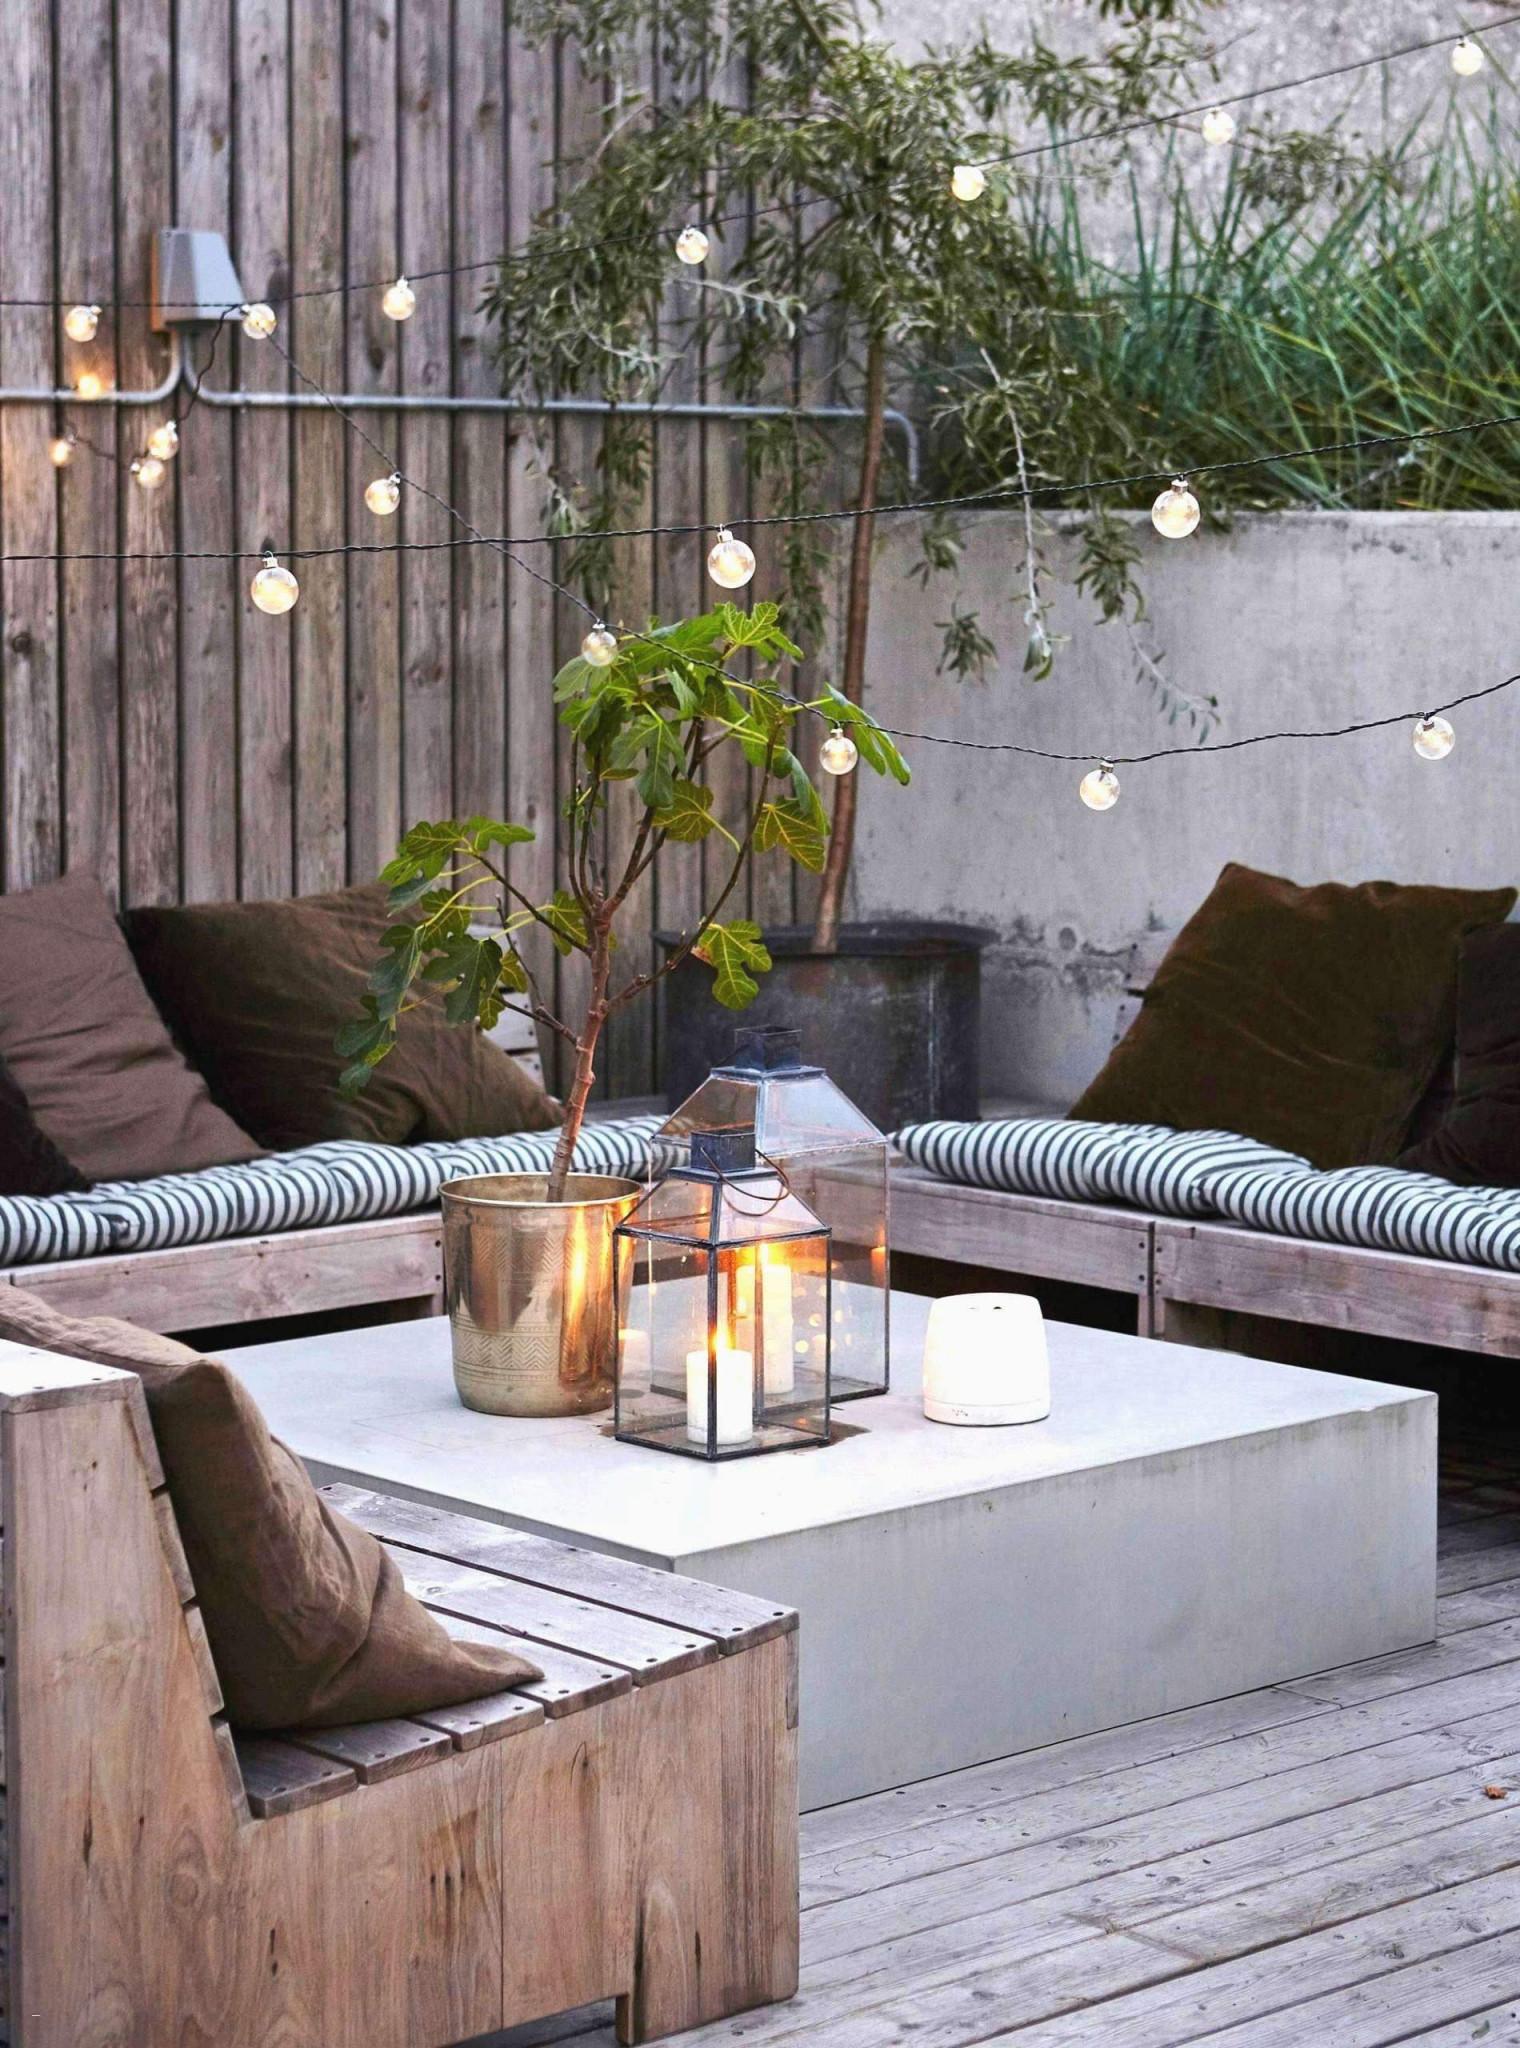 27 Frisch Mediterranes Wohnzimmer Schön  Wohnzimmer Frisch von Mediterrane Deko Wohnzimmer Bild